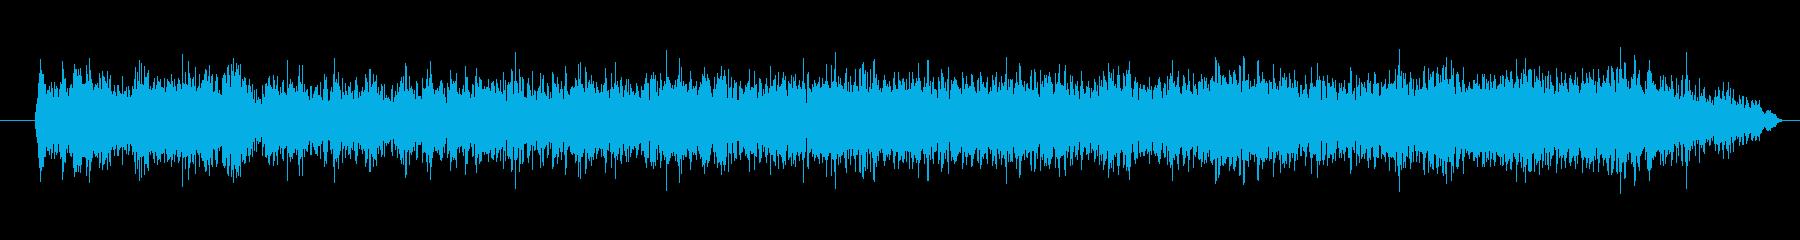 機械 タイルカッター無料01の再生済みの波形